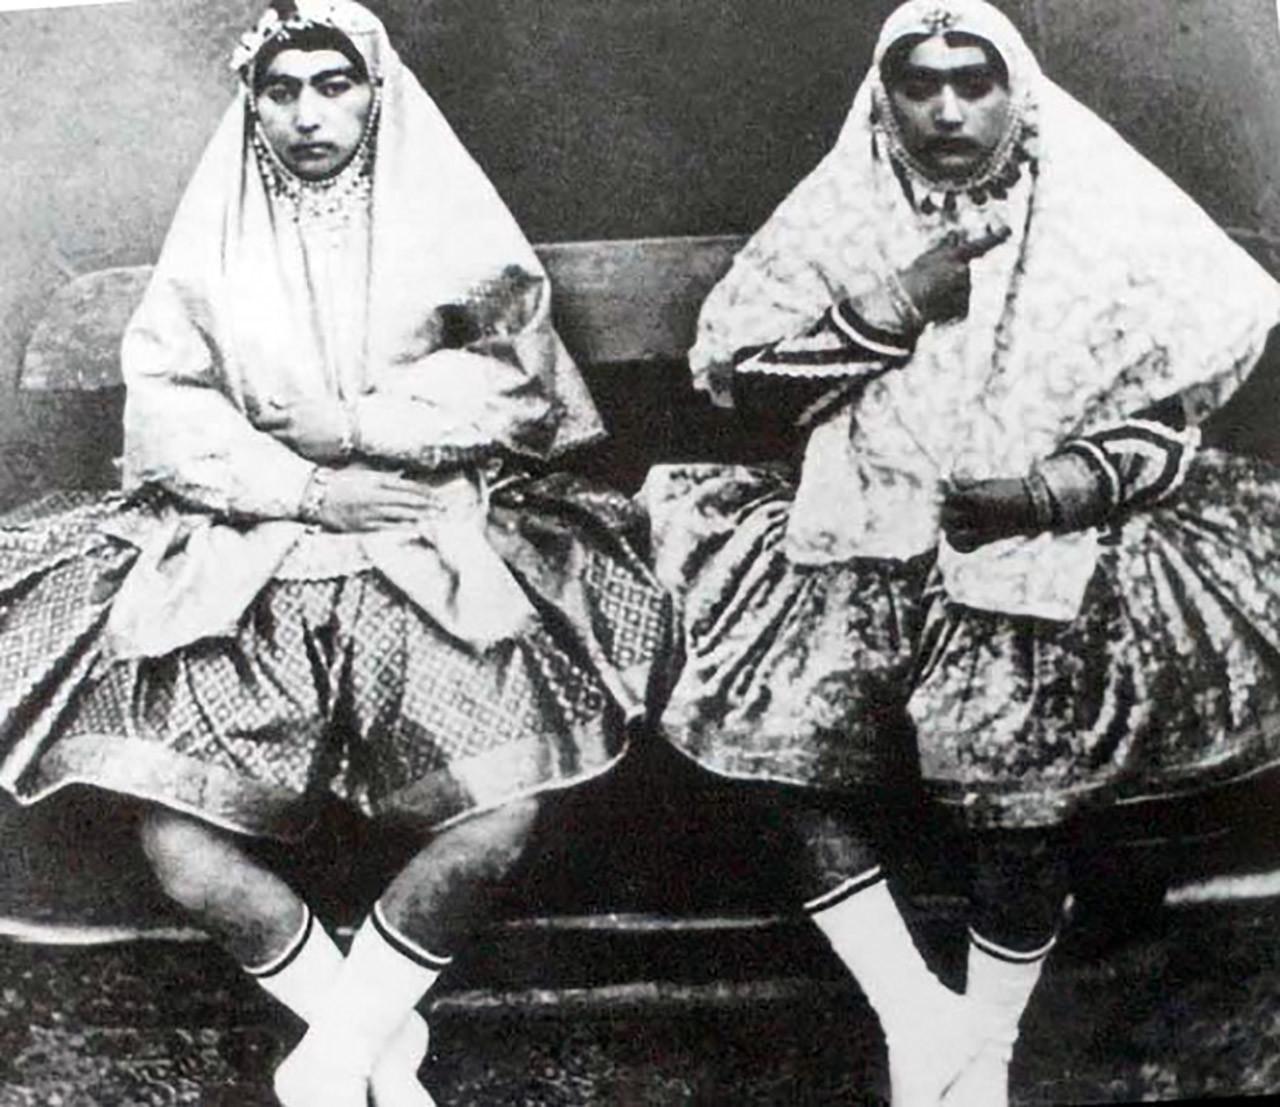 Fotos así eran las bellas mujeres del harén de un sah persa